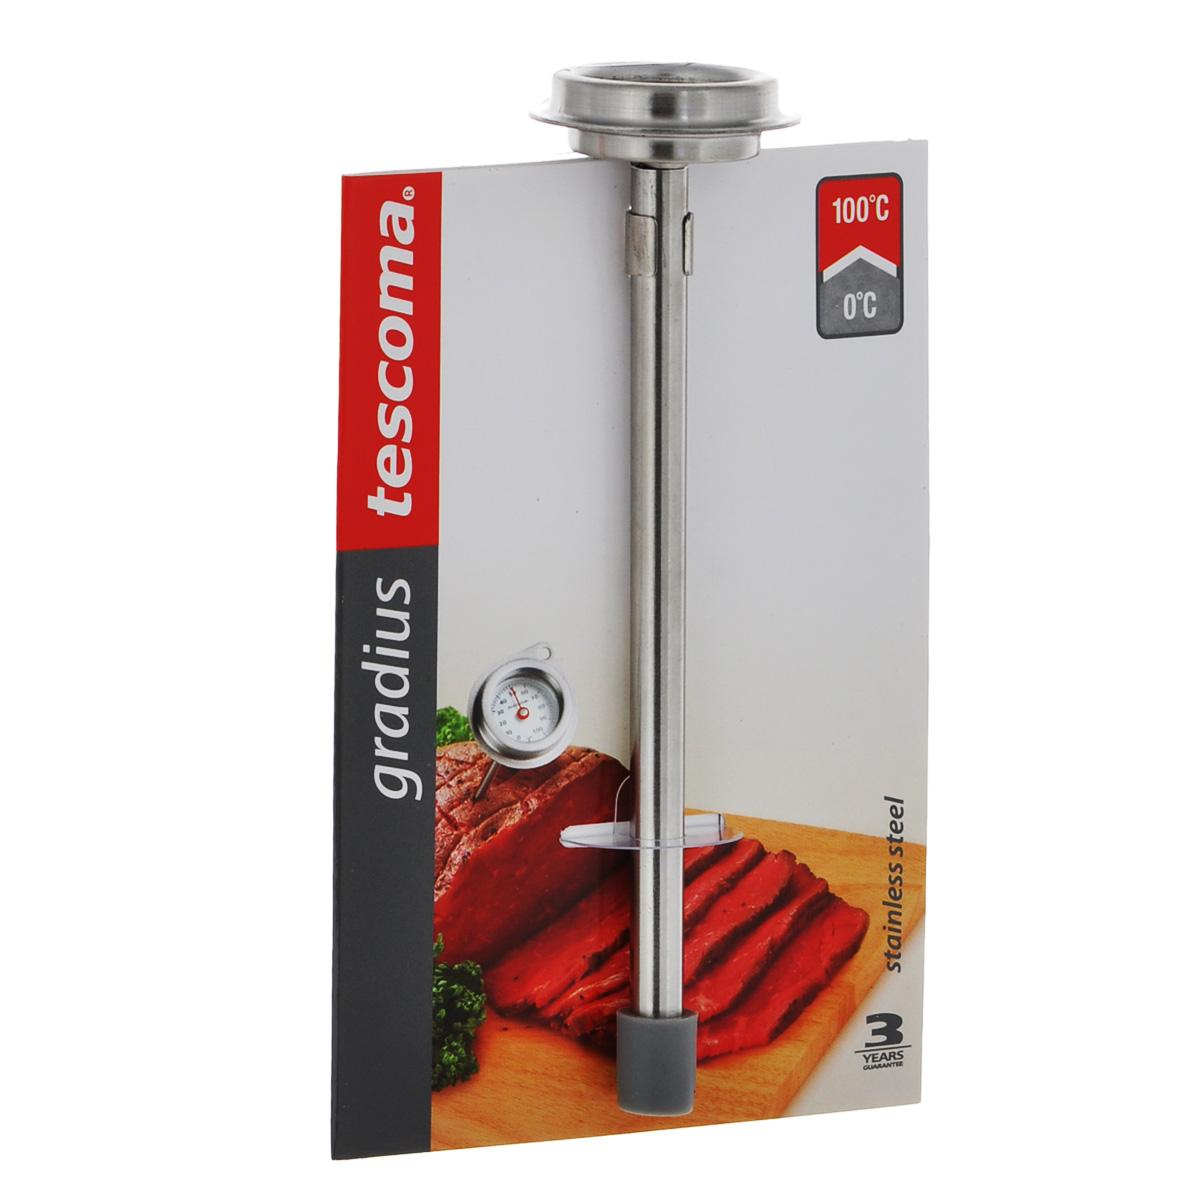 Термометр кулинарный Tescoma Gradius. 636152636152Кулинарный термометр Tescoma Gradius настоящий помощник для любой хозяйки. Корпус термометра изготовлен из первоклассной нержавеющей стали с акцентом на точность и функциональность. Он помогает точно соблюдать рецептуру, безопасно уничтожать все вредные для здоровья бактерии. Термометр измеряет внутреннюю температуру во время приготовления. Изделие снабжено защитным чехлом. Не мыть в посудомоечной машине.